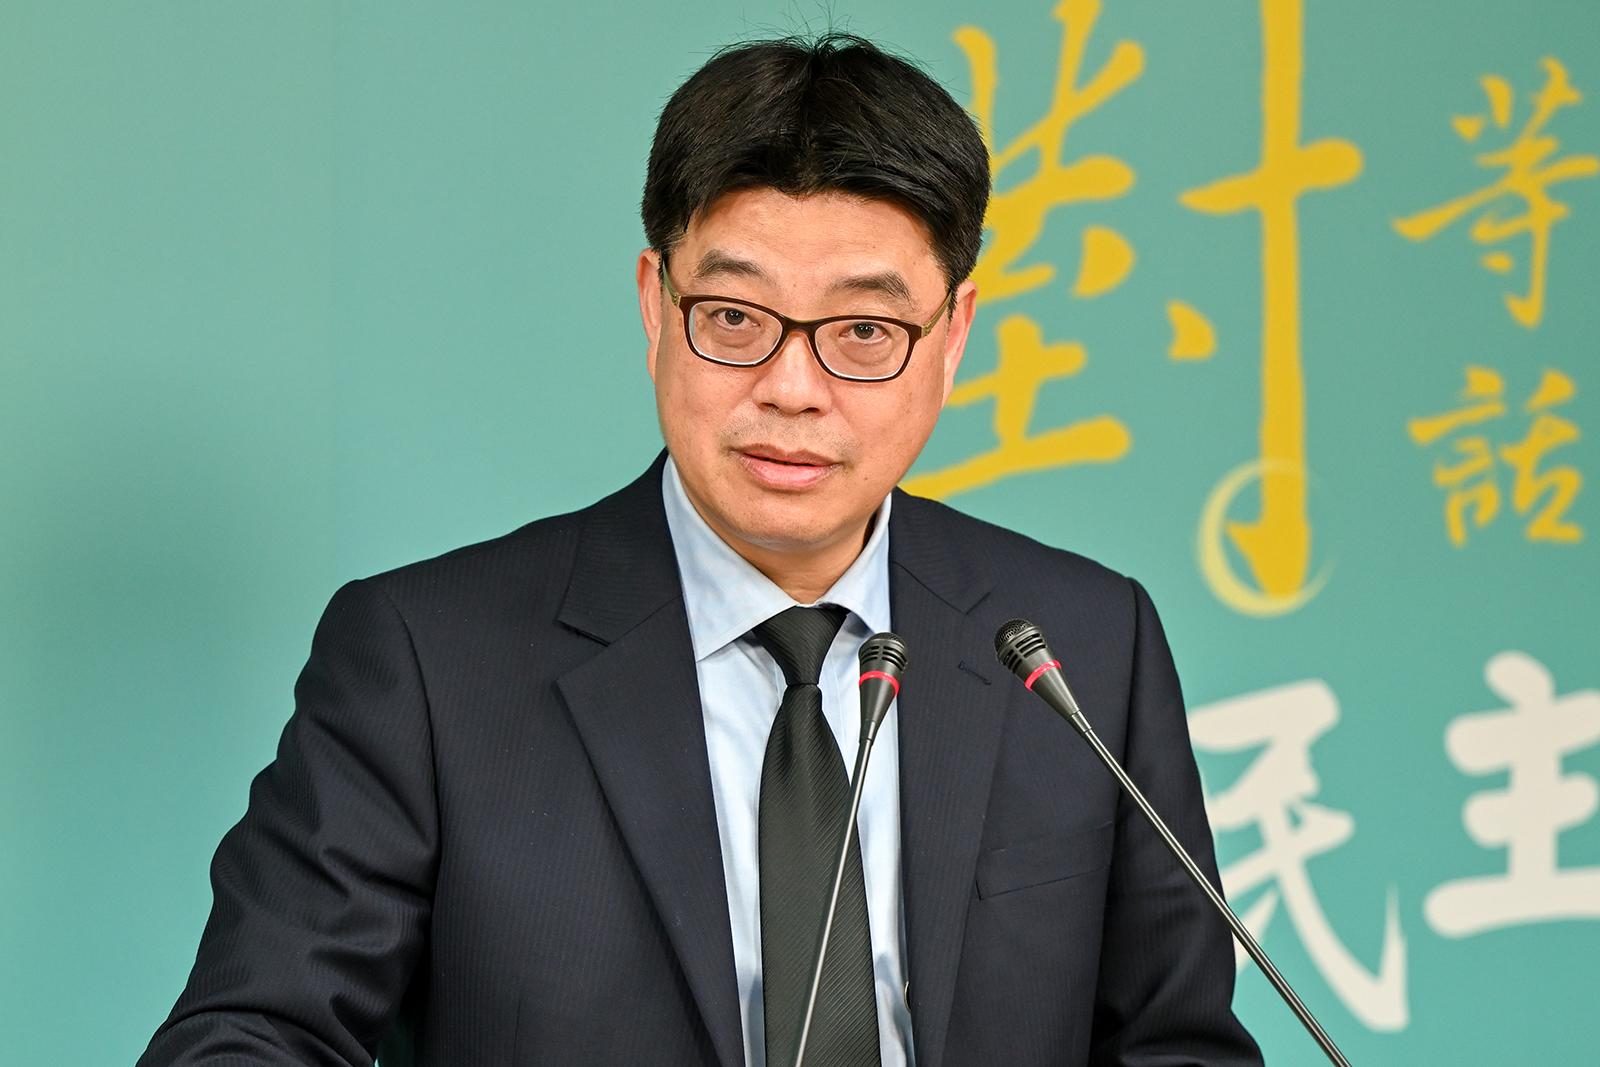 2021年6月16日,陆委会副主委邱垂正:台湾驻澳门办事处将继续运作,为澳门民众提供服务。(锺广政 摄)